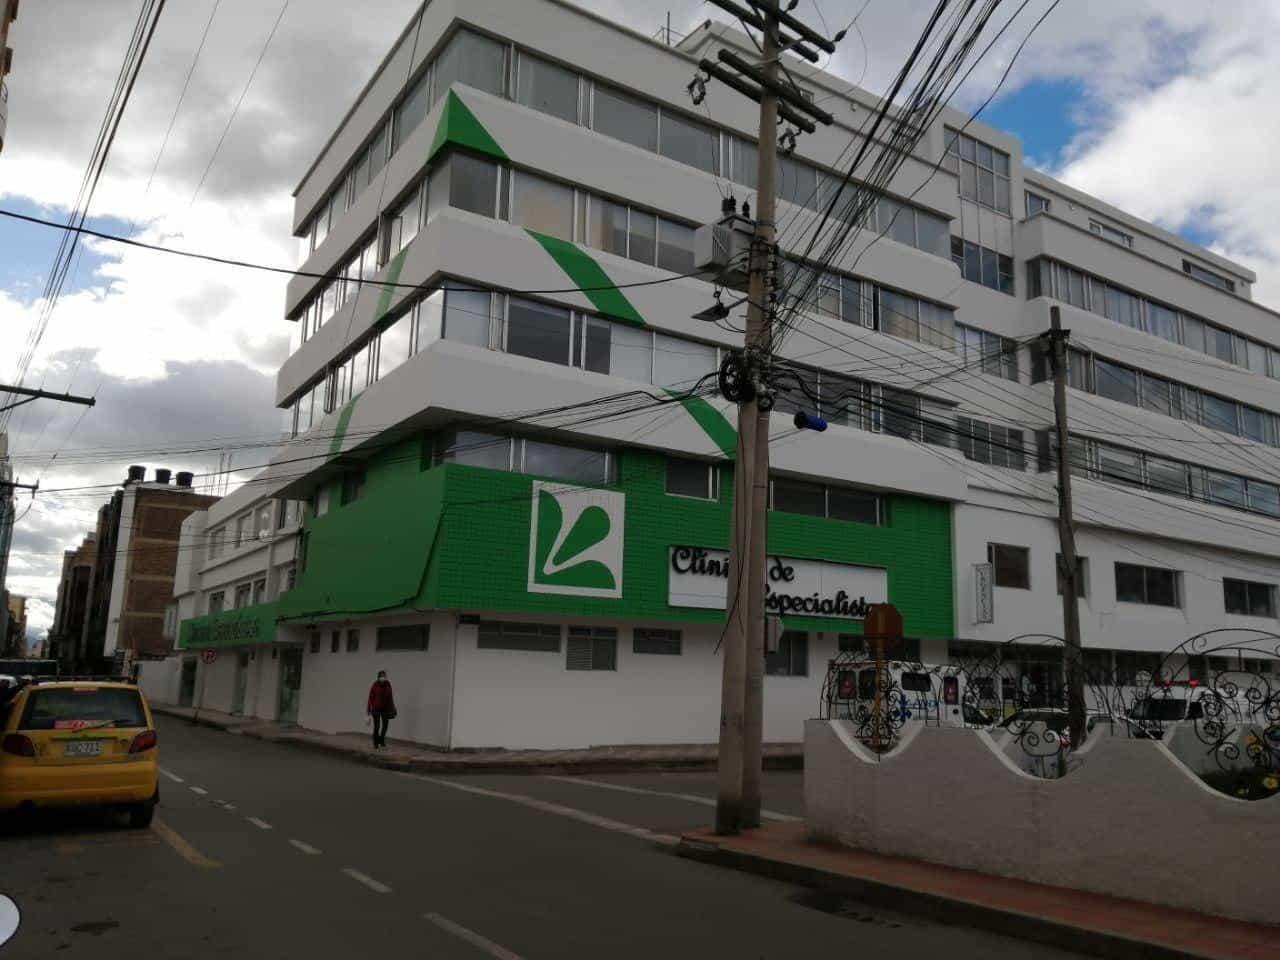 Según Yolima Mesa, las instituciones prestadoras de servicios salud de Sogamoso han tenido un buen comportamiento durante la pandemia. Foto: archivo particular